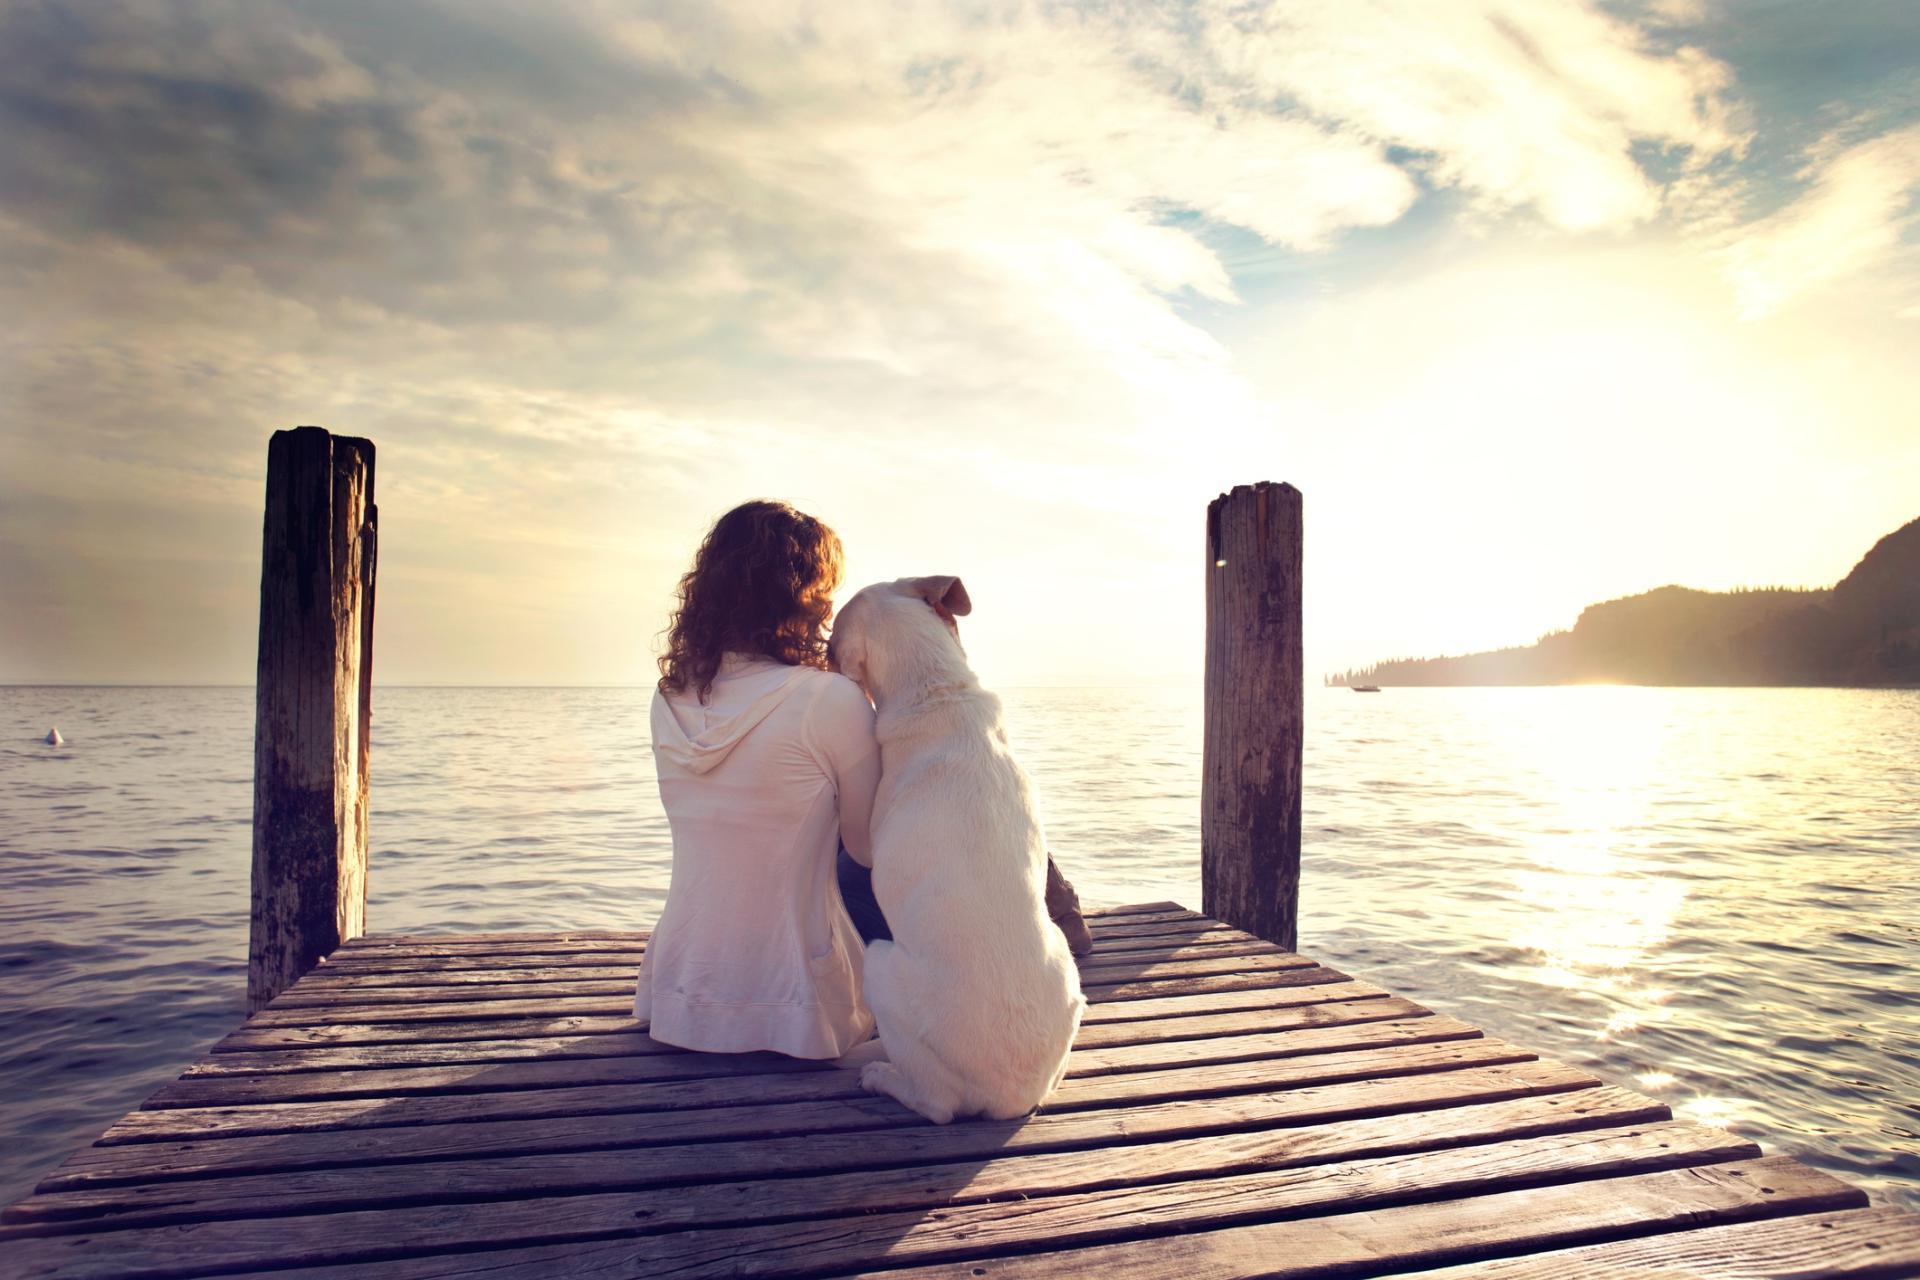 Il 13 novembre è la Giornata mondiale della gentilezza: ecco come  sfruttarla al massimo! - Radio 105